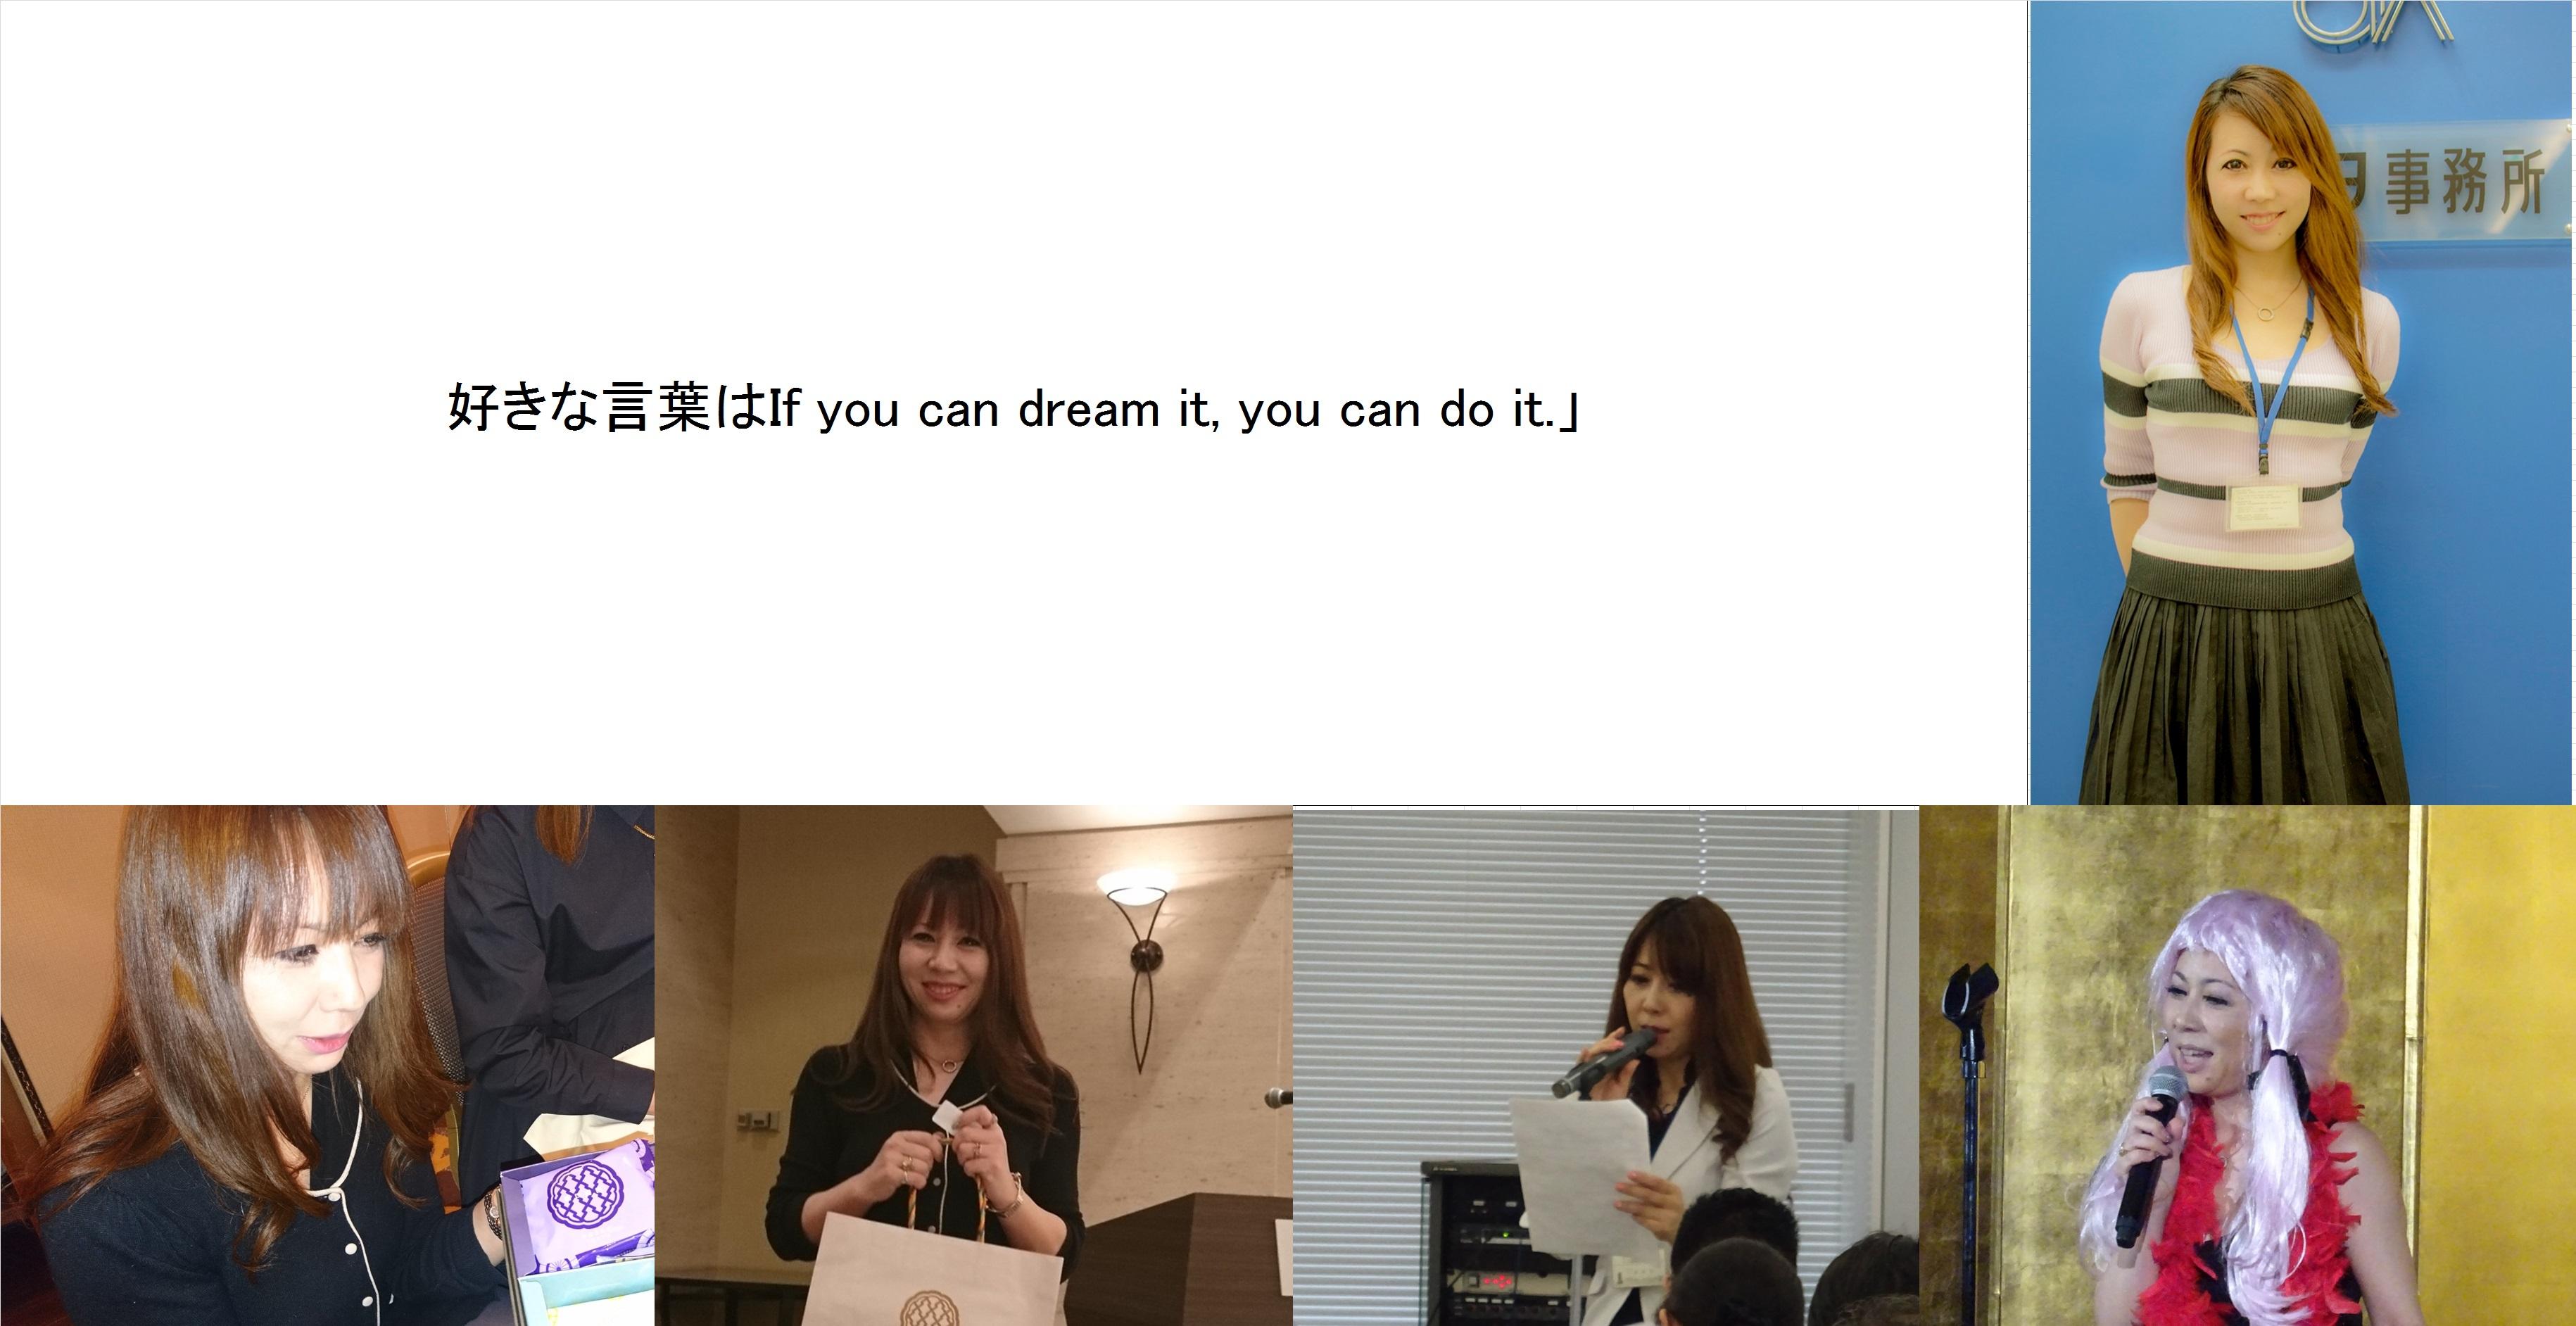 010819小林彩